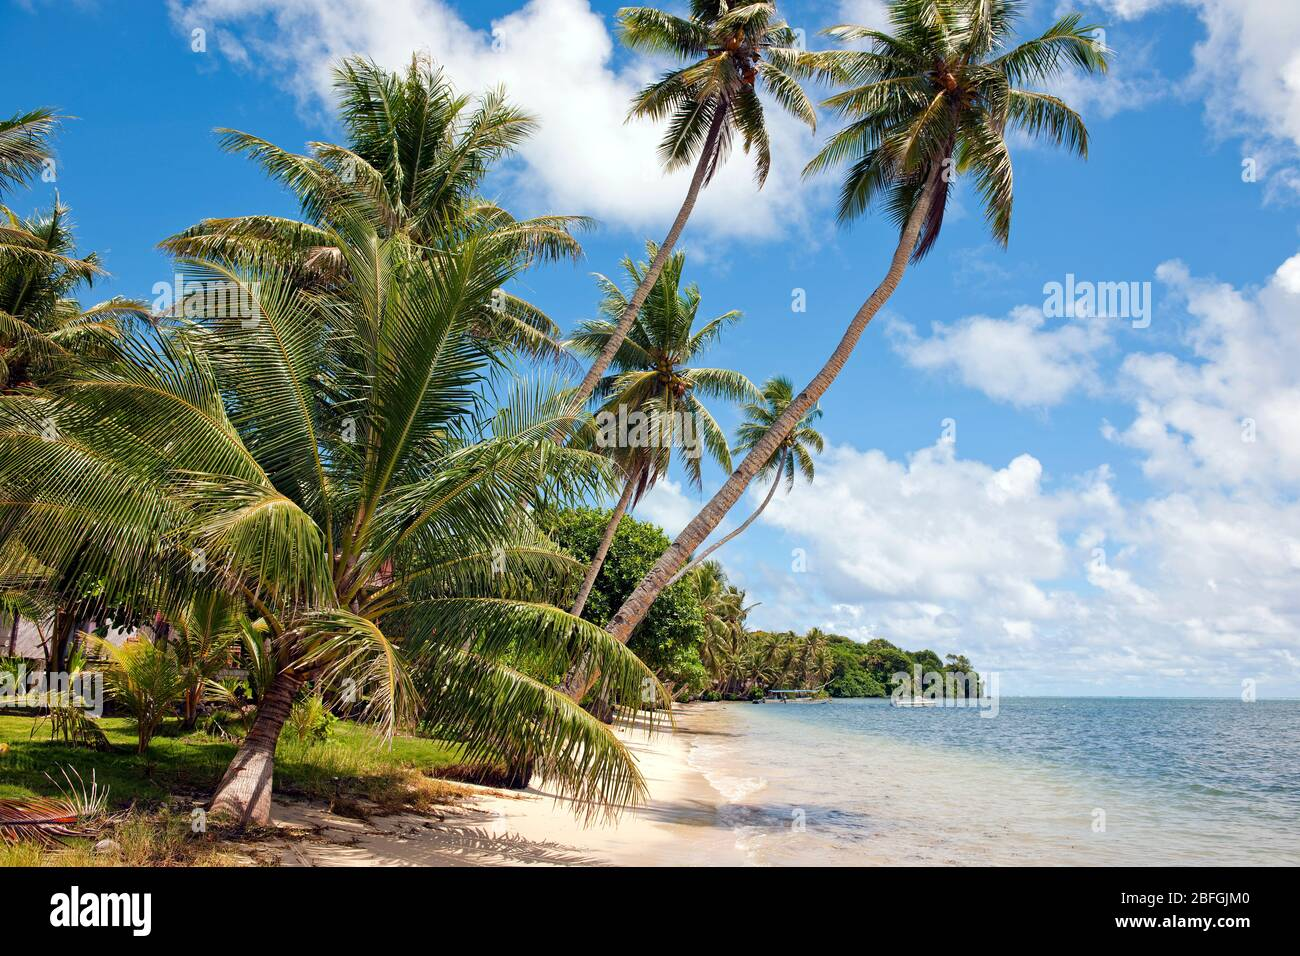 Palmenstrand in der Südsee, Pazifik Stock Photo